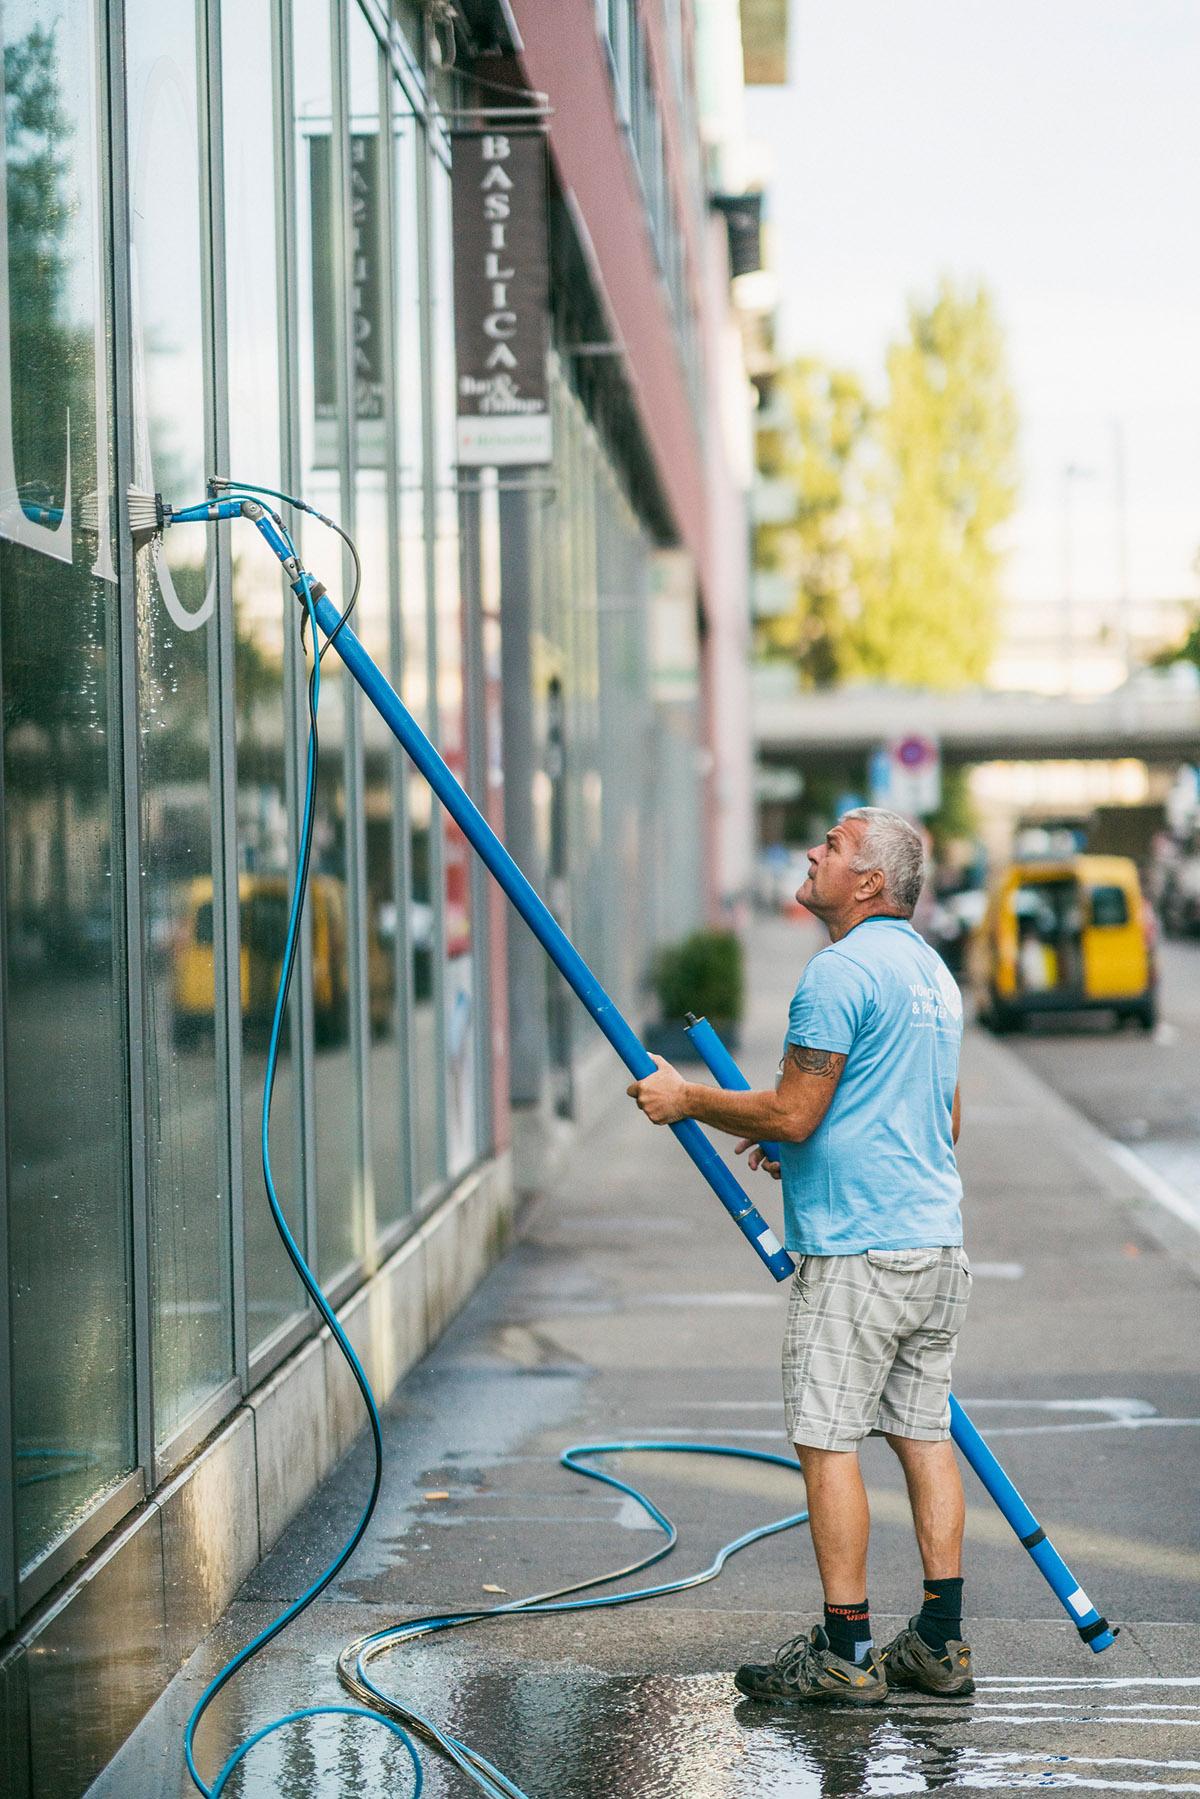 Fensterreinigung für Restaurants in Zürich, Luzern, St. Gallen, Thurgau